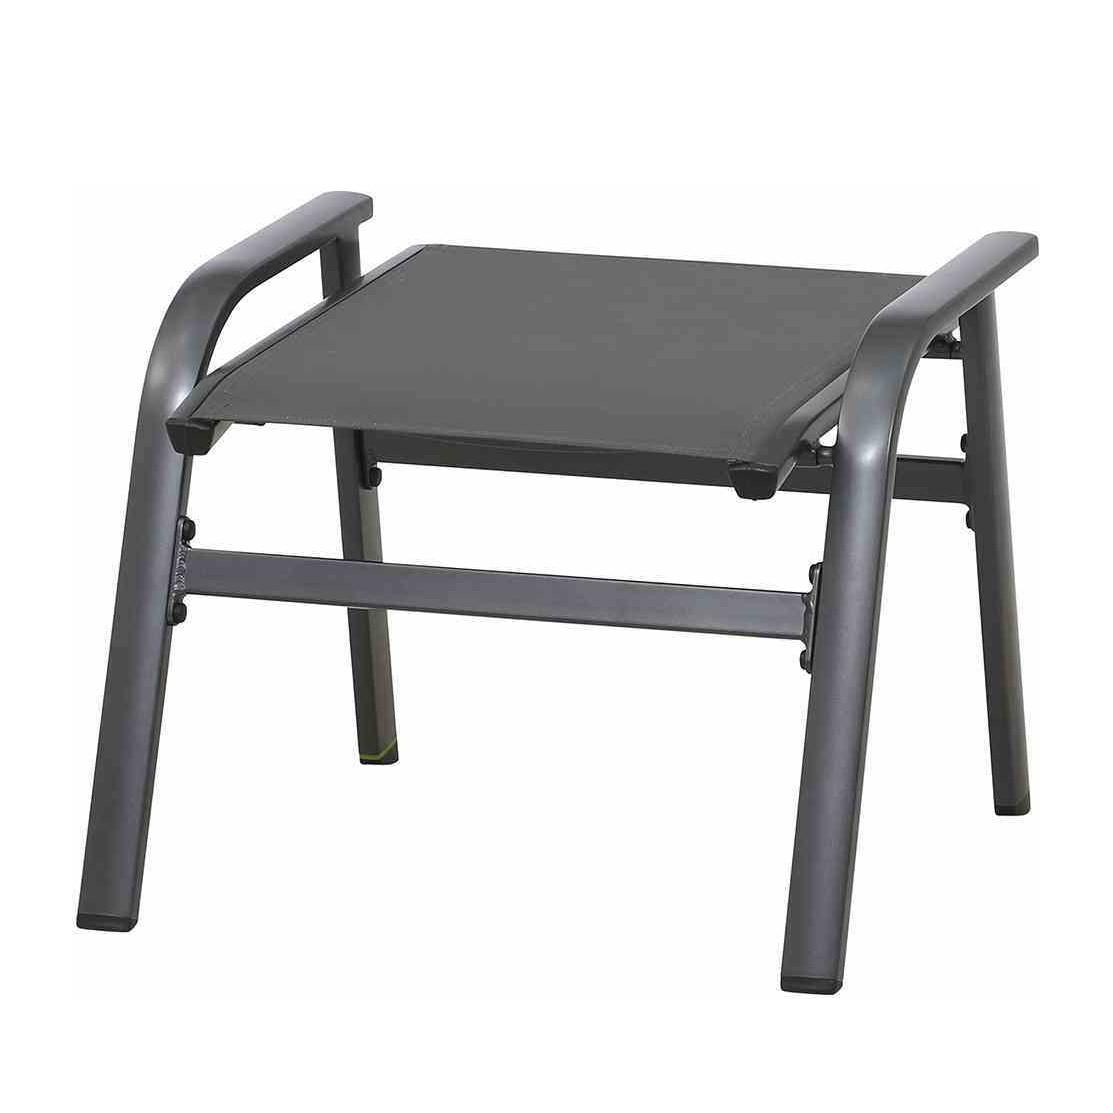 Hocker Core - Kunstfaser / Aluminium - Dunkelgrau, Mwh